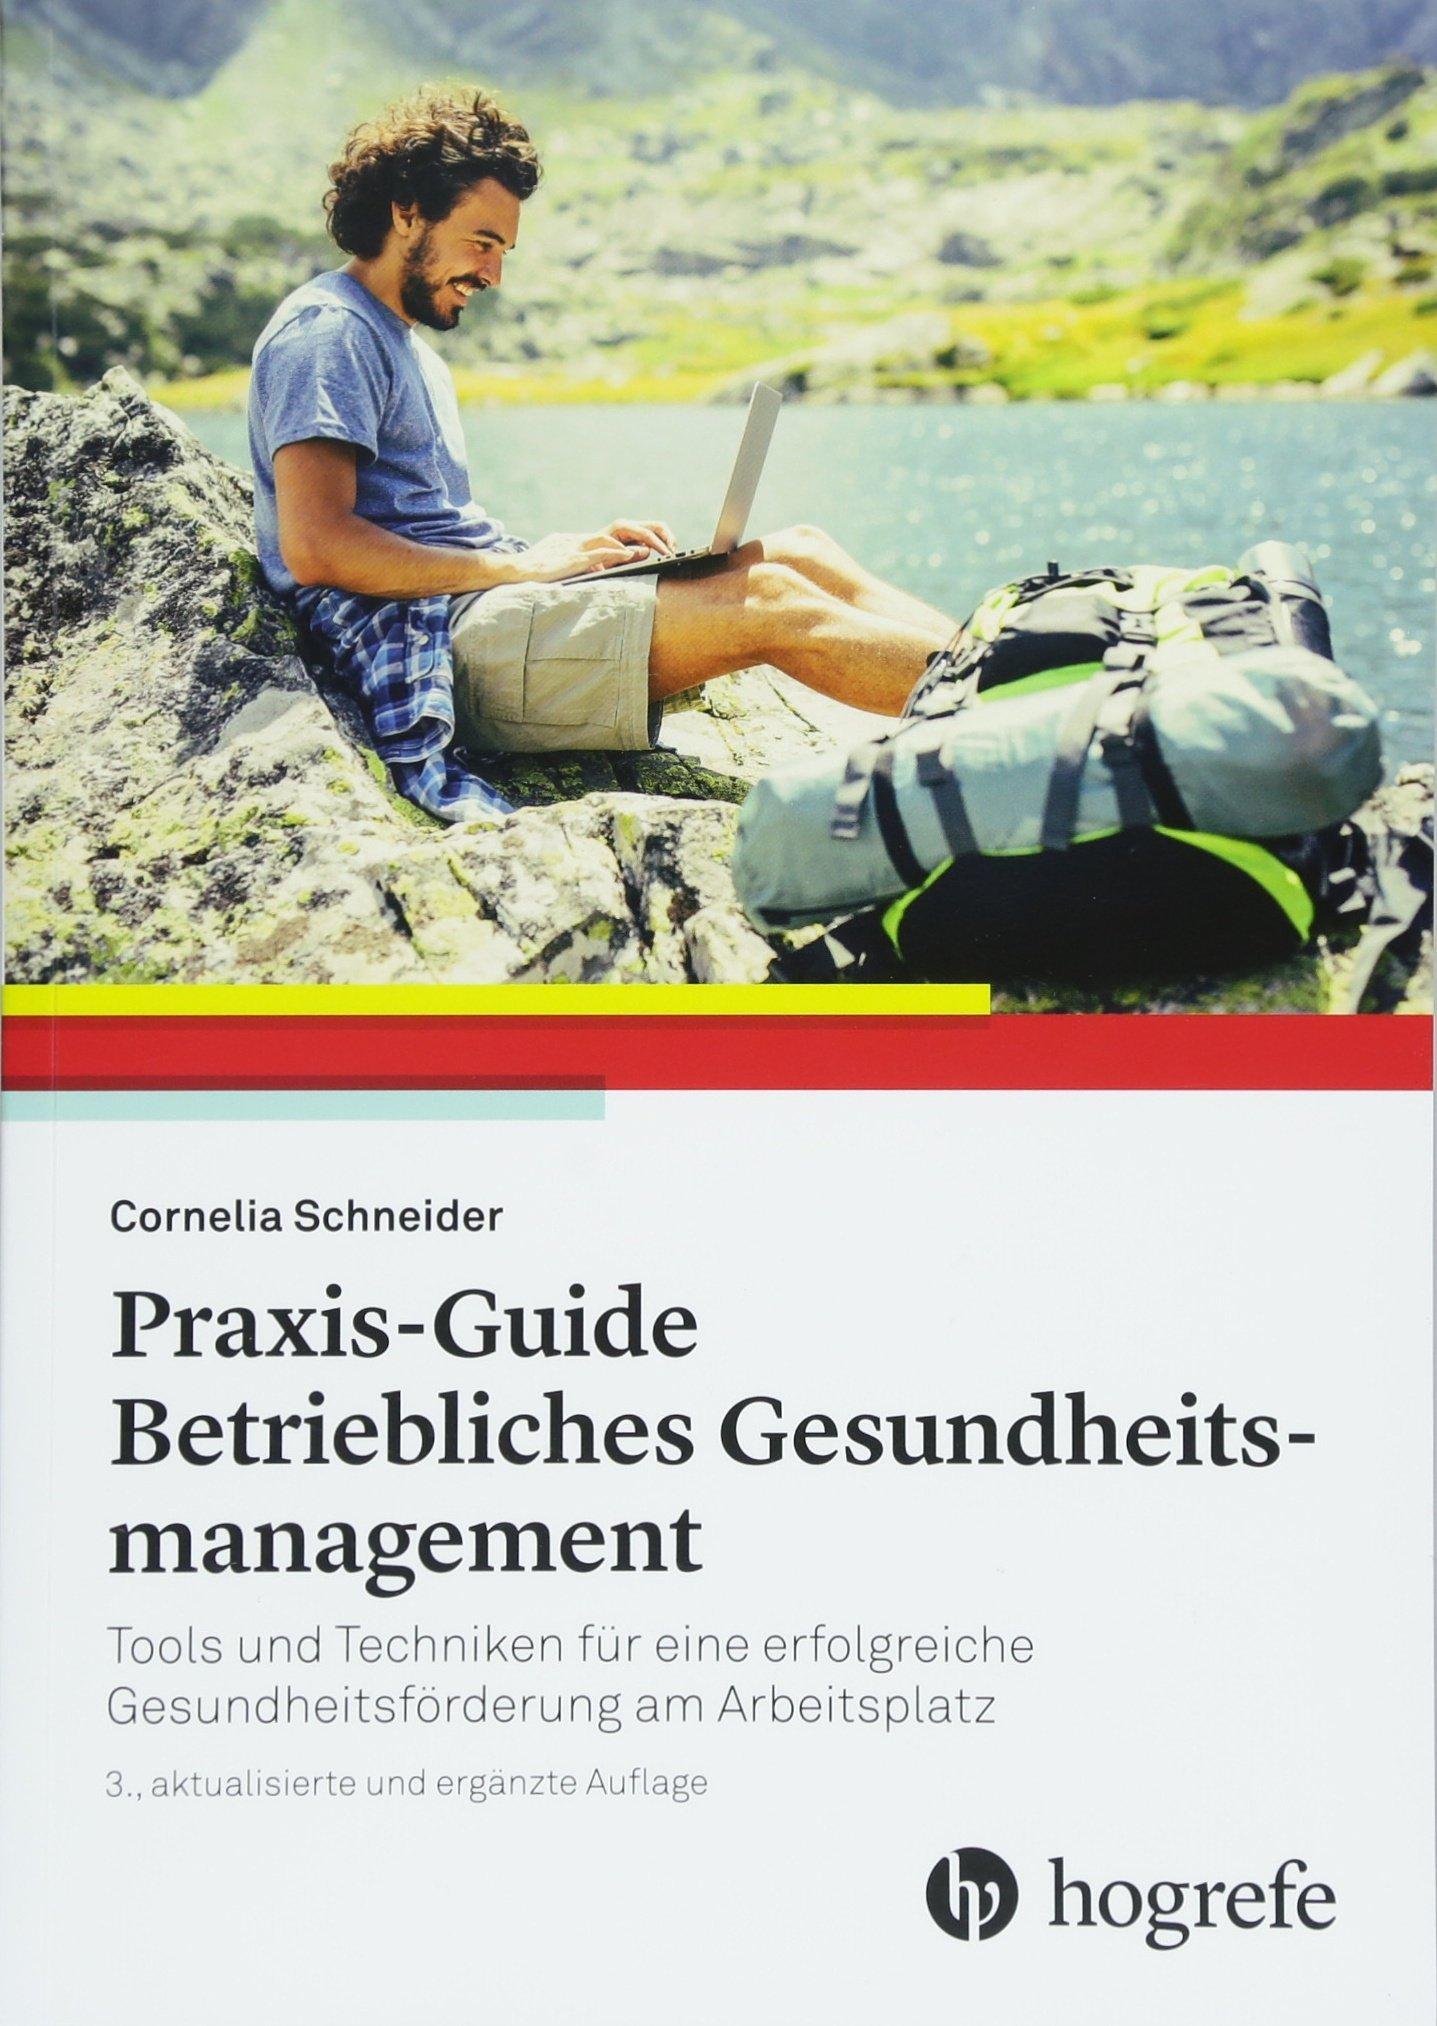 praxis-guide-betriebliches-gesundheitsmanagement-tools-und-techniken-fr-eine-erfolgreiche-gesundheitsfrderung-am-arbeitsplatz